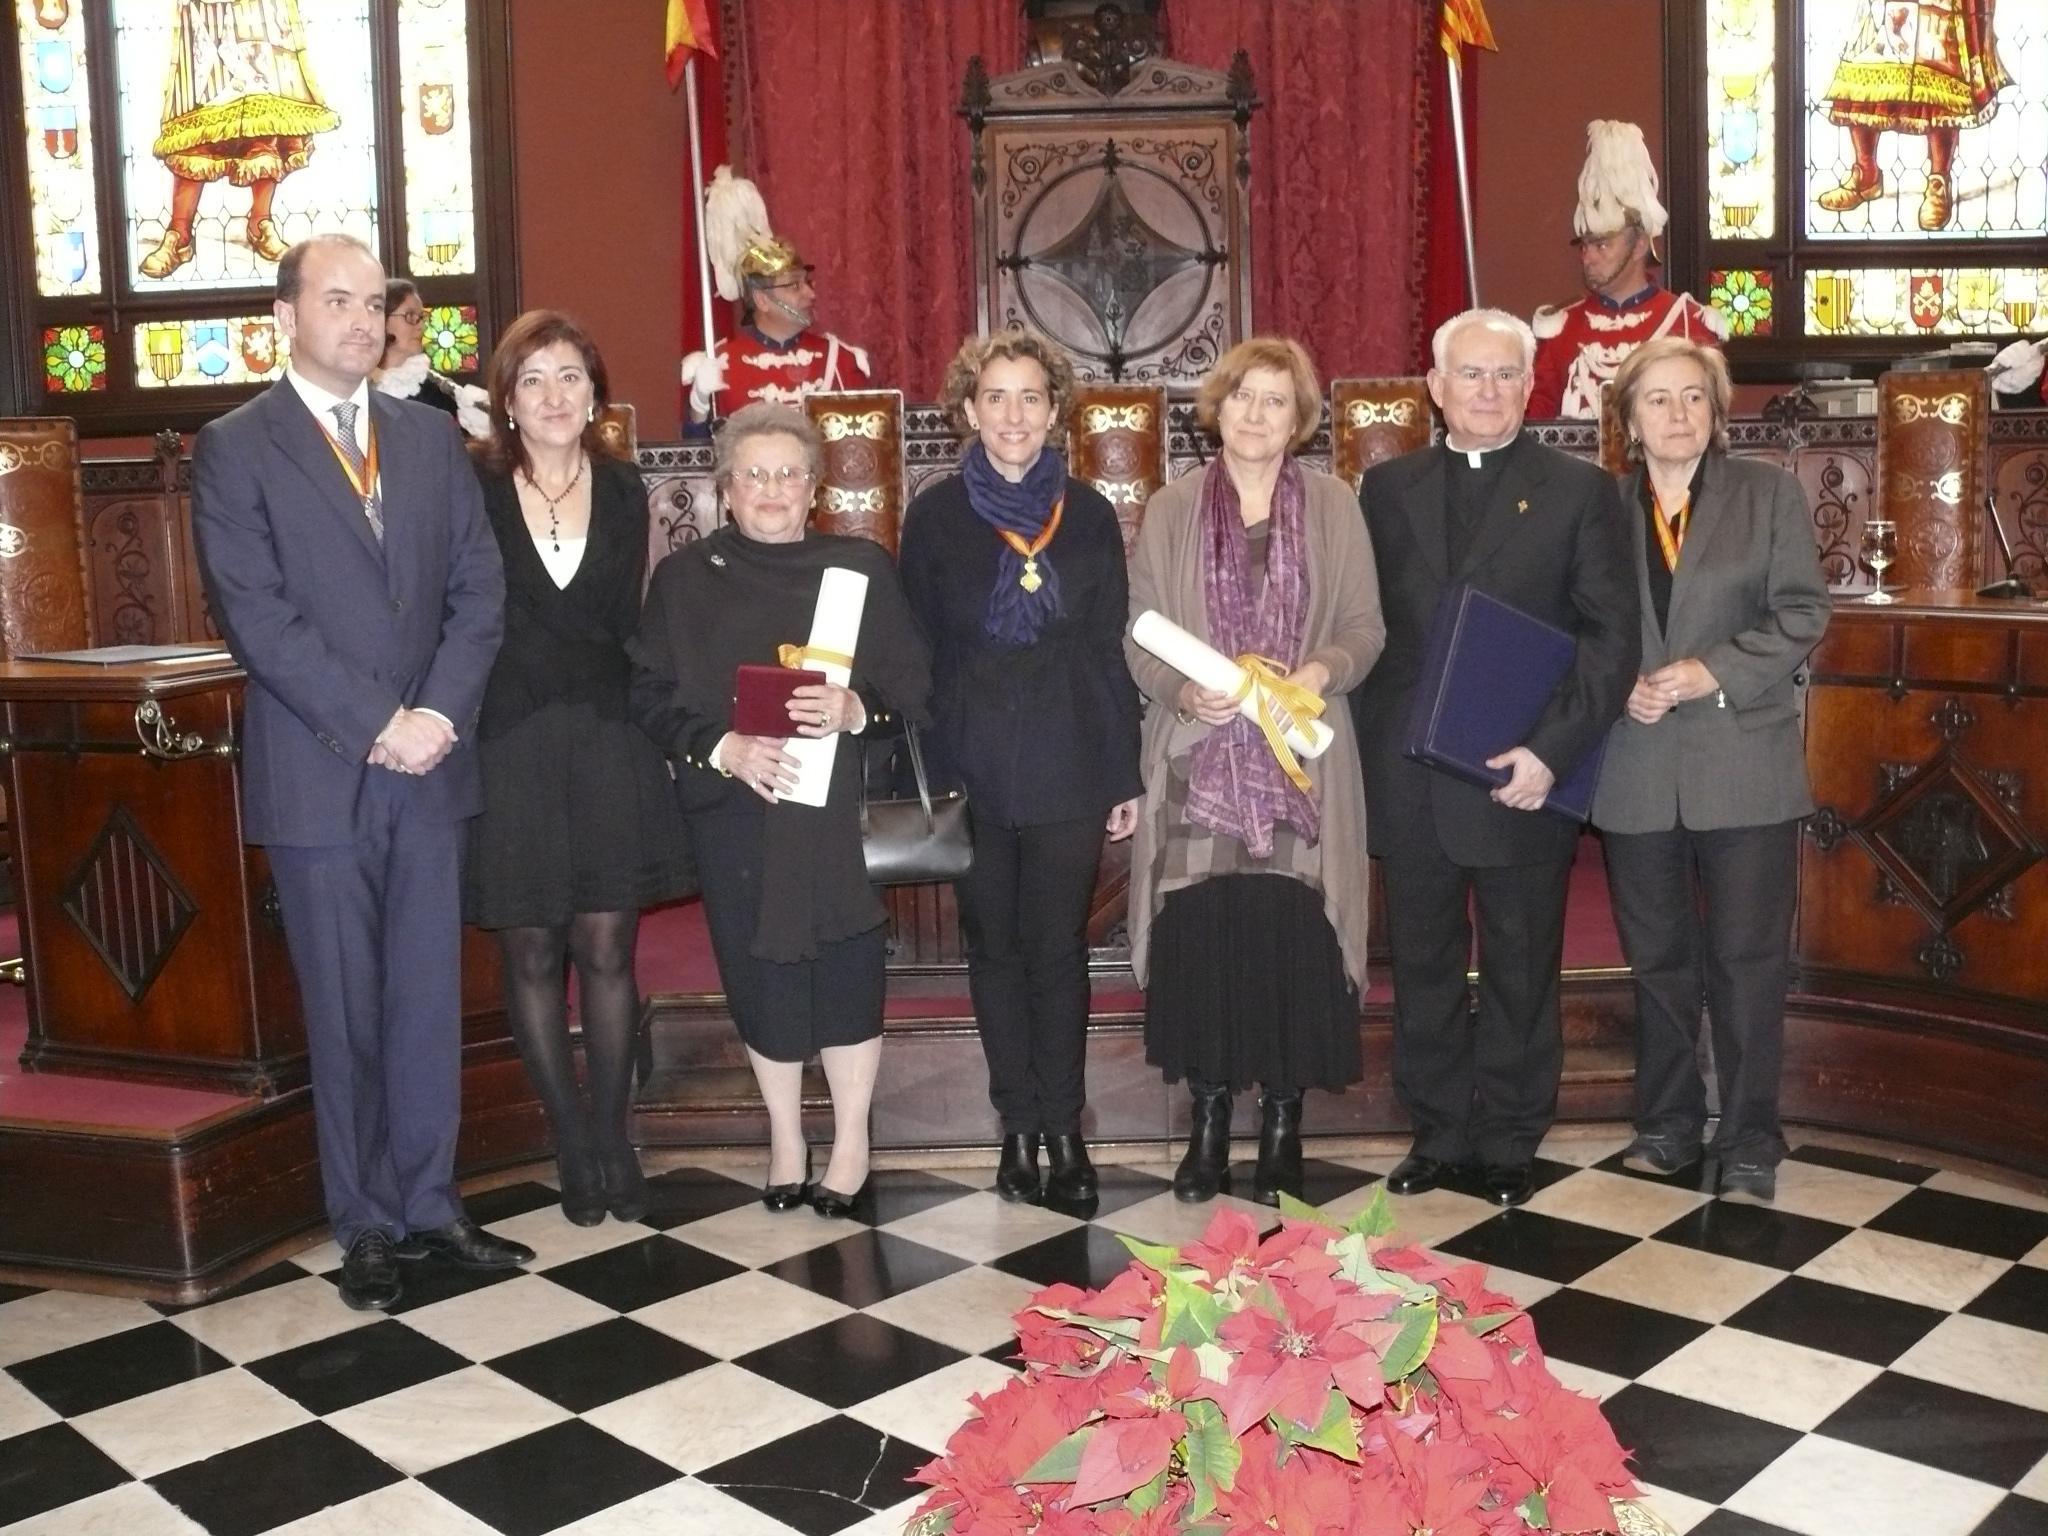 Antonio Mallorca Profesora De Ruso https://www.ultimahora.es/vips/fiestas/2010/01/02/24/feliz